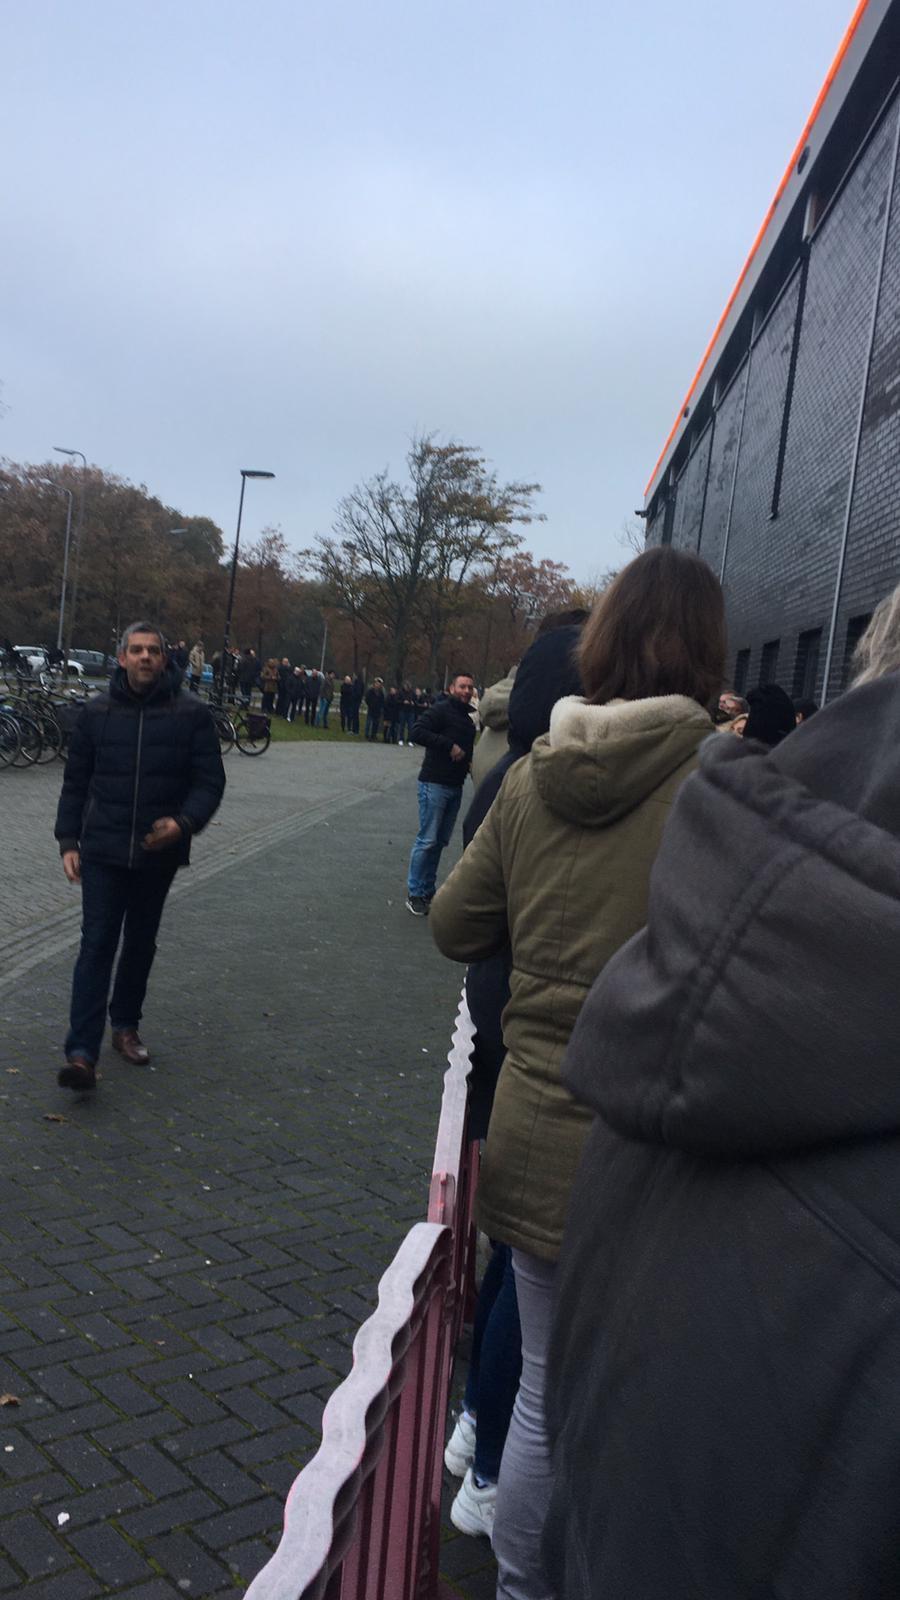 Telstar-Ajax uitverkocht, wachtenden bij het stadion teleurgesteld [video]